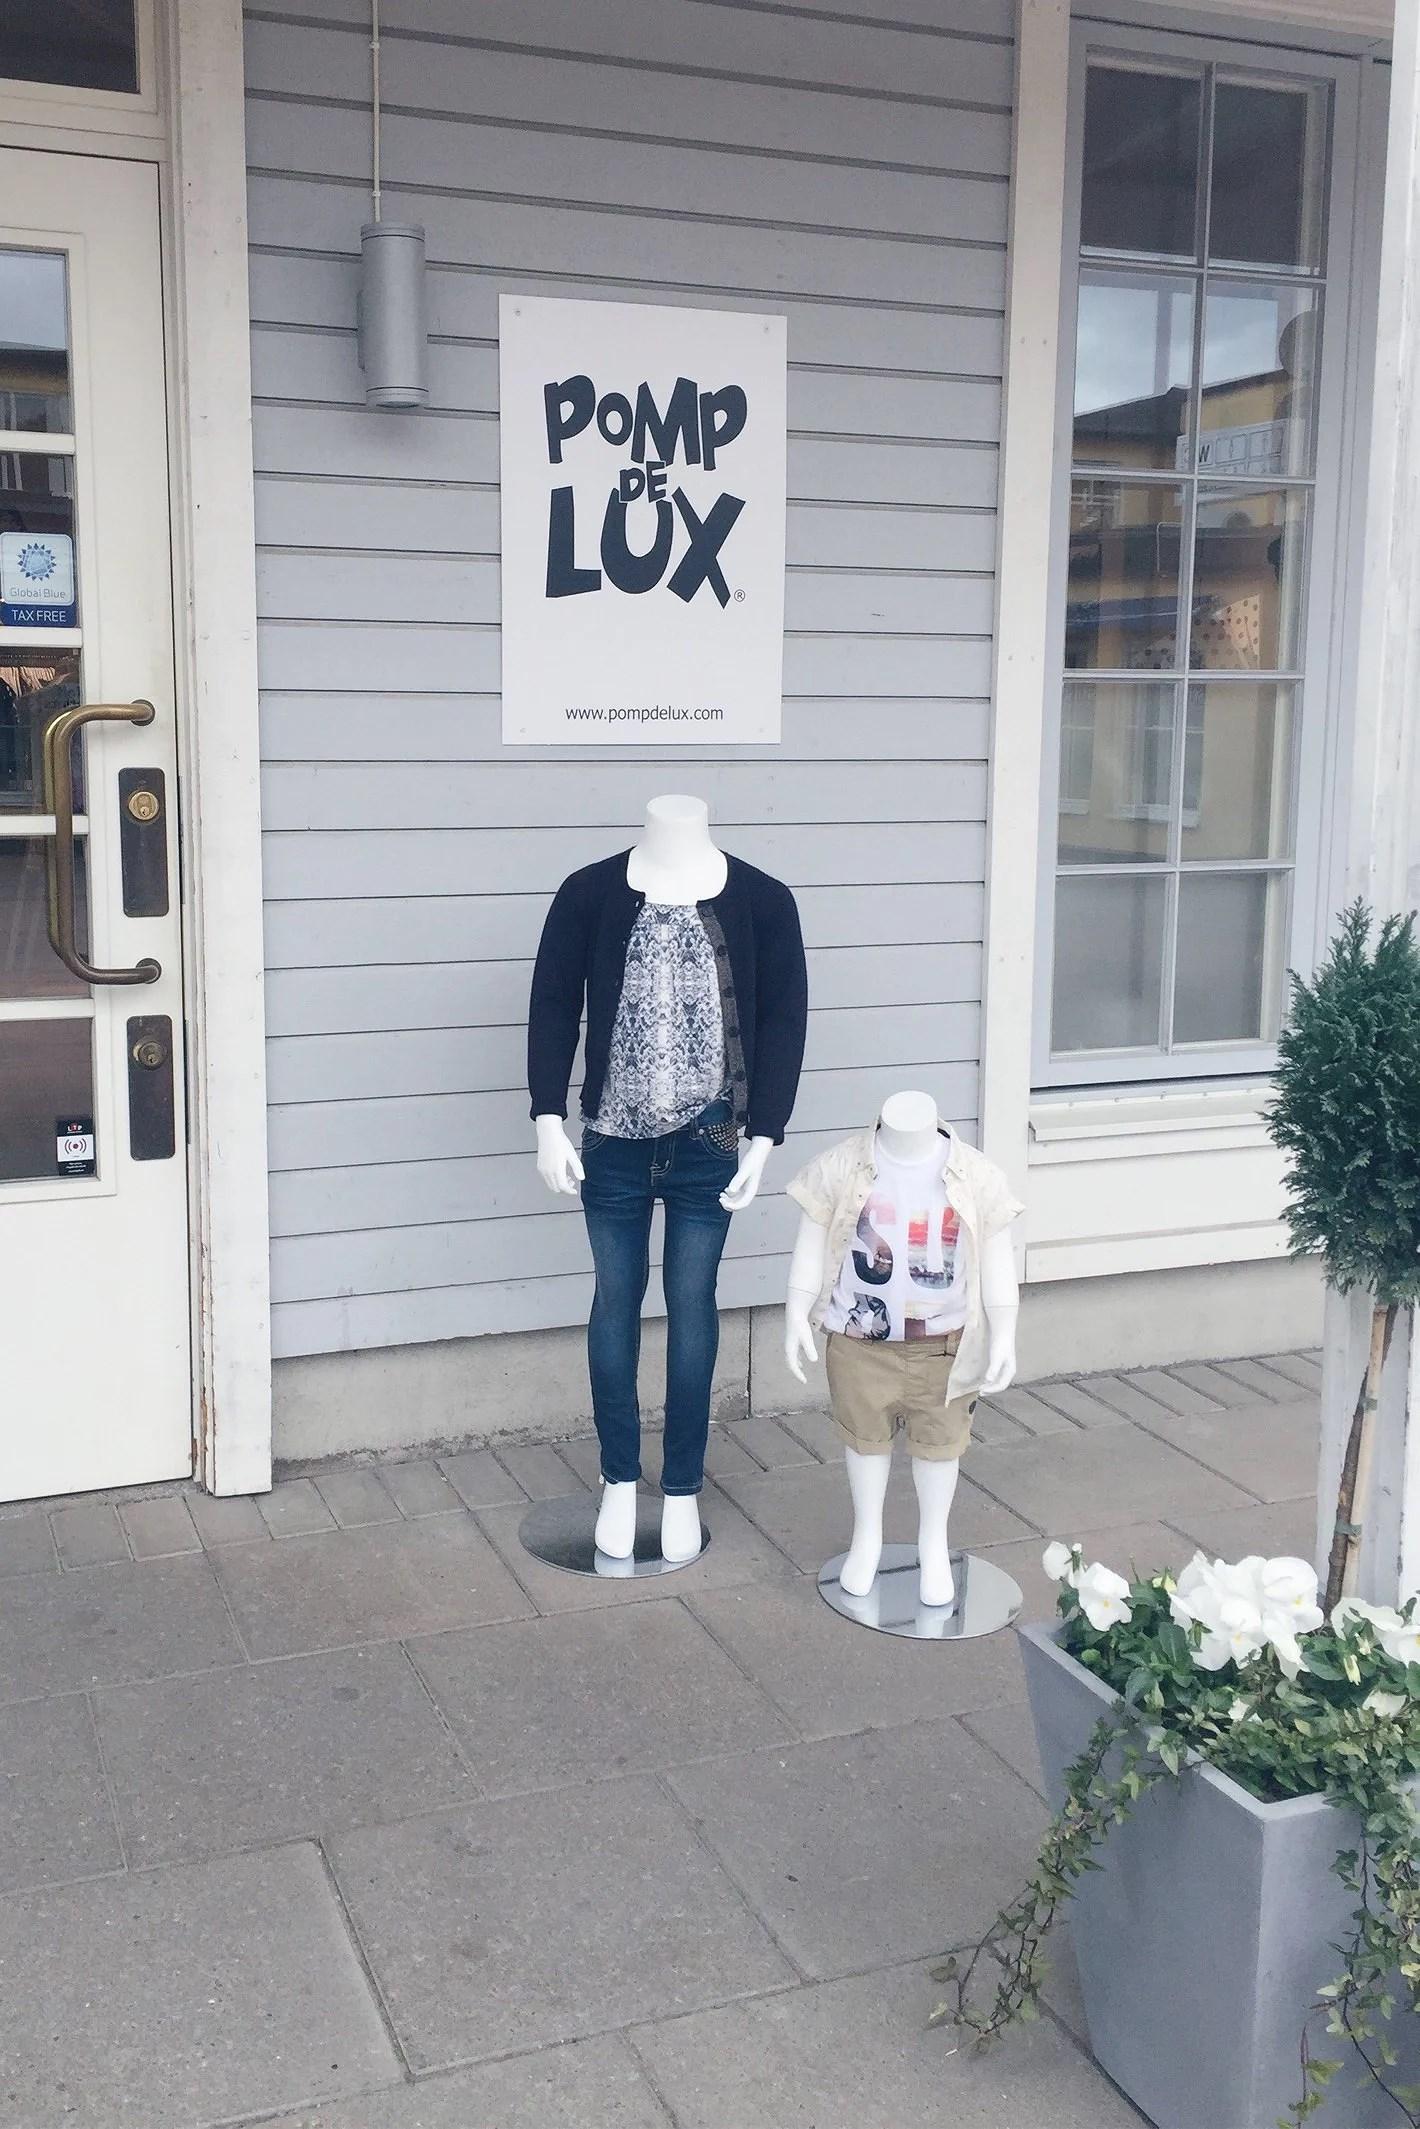 POMP DE LUX OUTLET